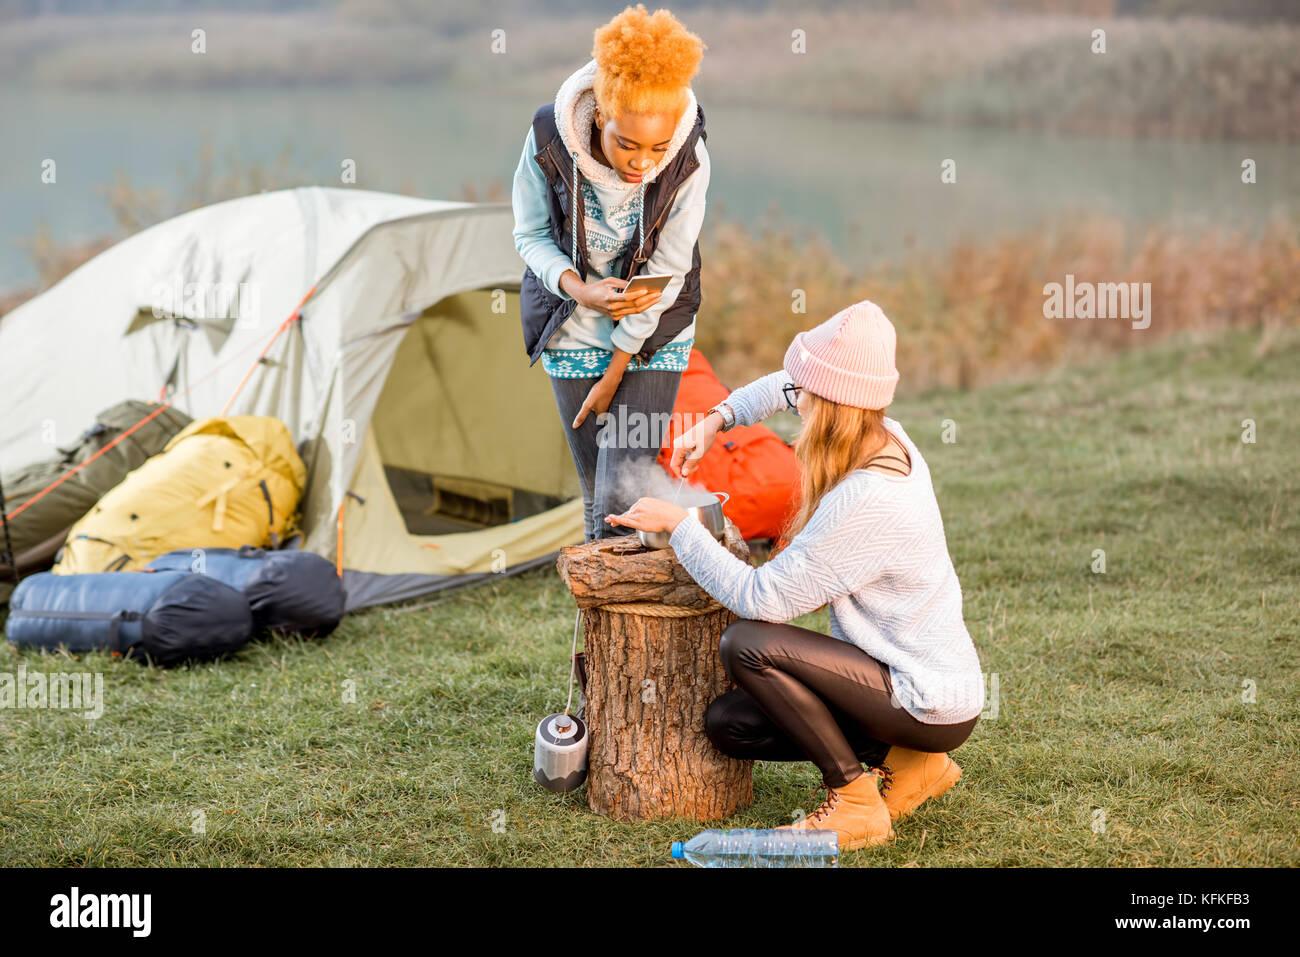 La mujer cocinando comida en el camping Foto de stock